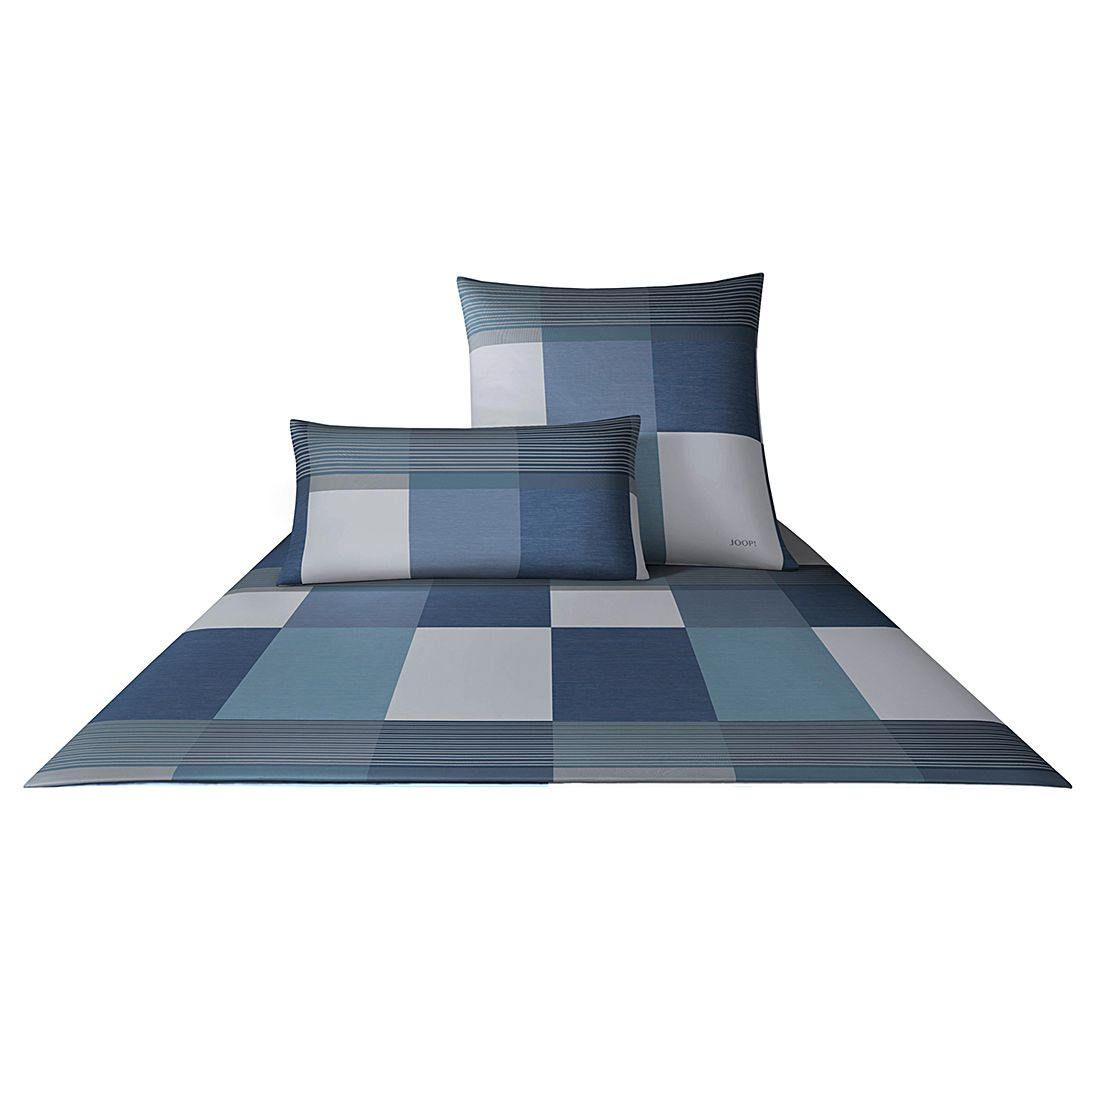 Bettwäsche Mako-Satin Plaza Squares 4051 – Baumwolle – Azur – 2x 80×80 cm – 200×200 cm, Joop jetzt kaufen